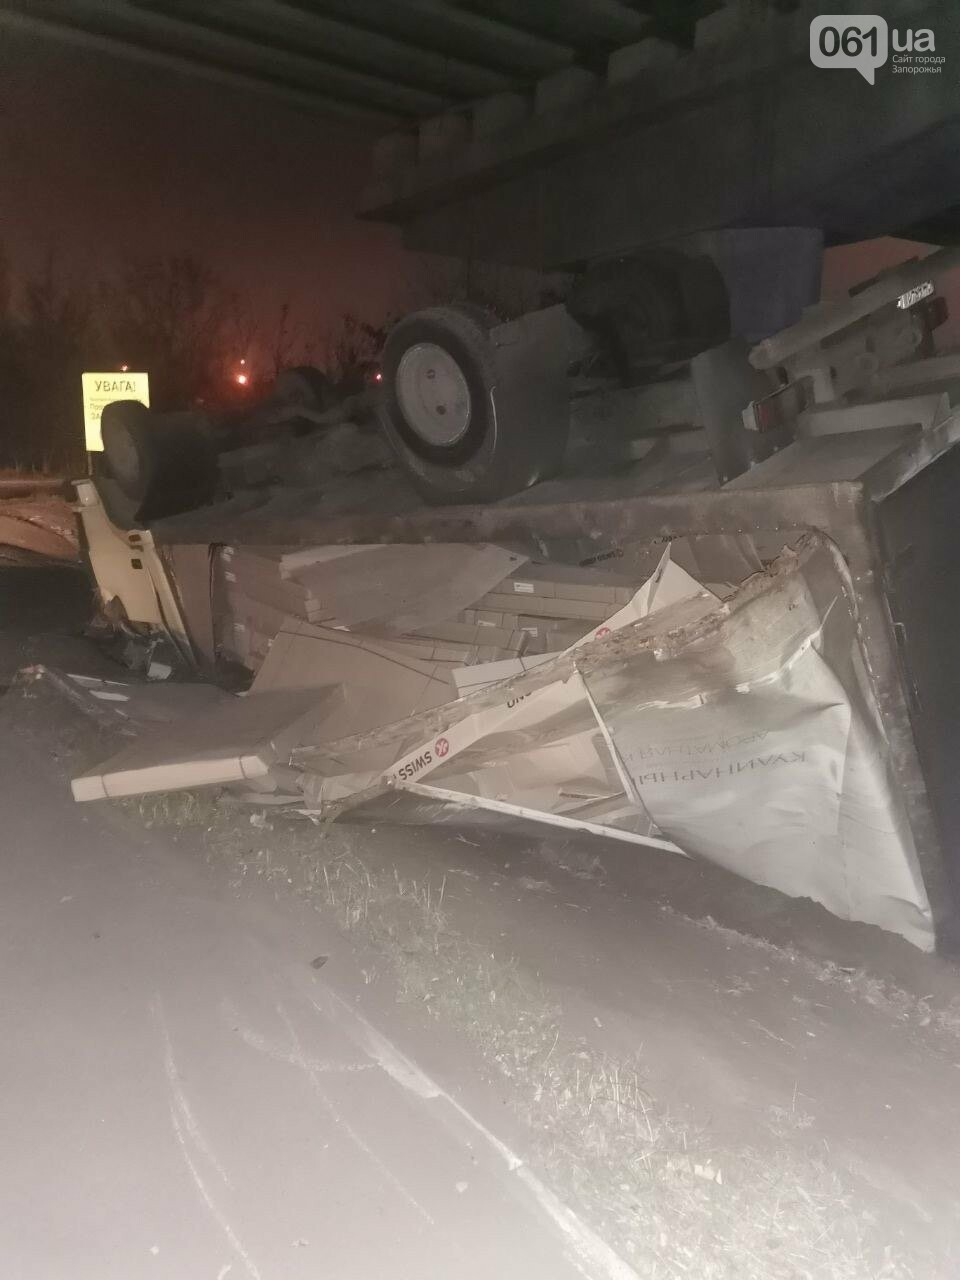 На Хортице перевернулся грузовик - водитель был пьяным, фото-2